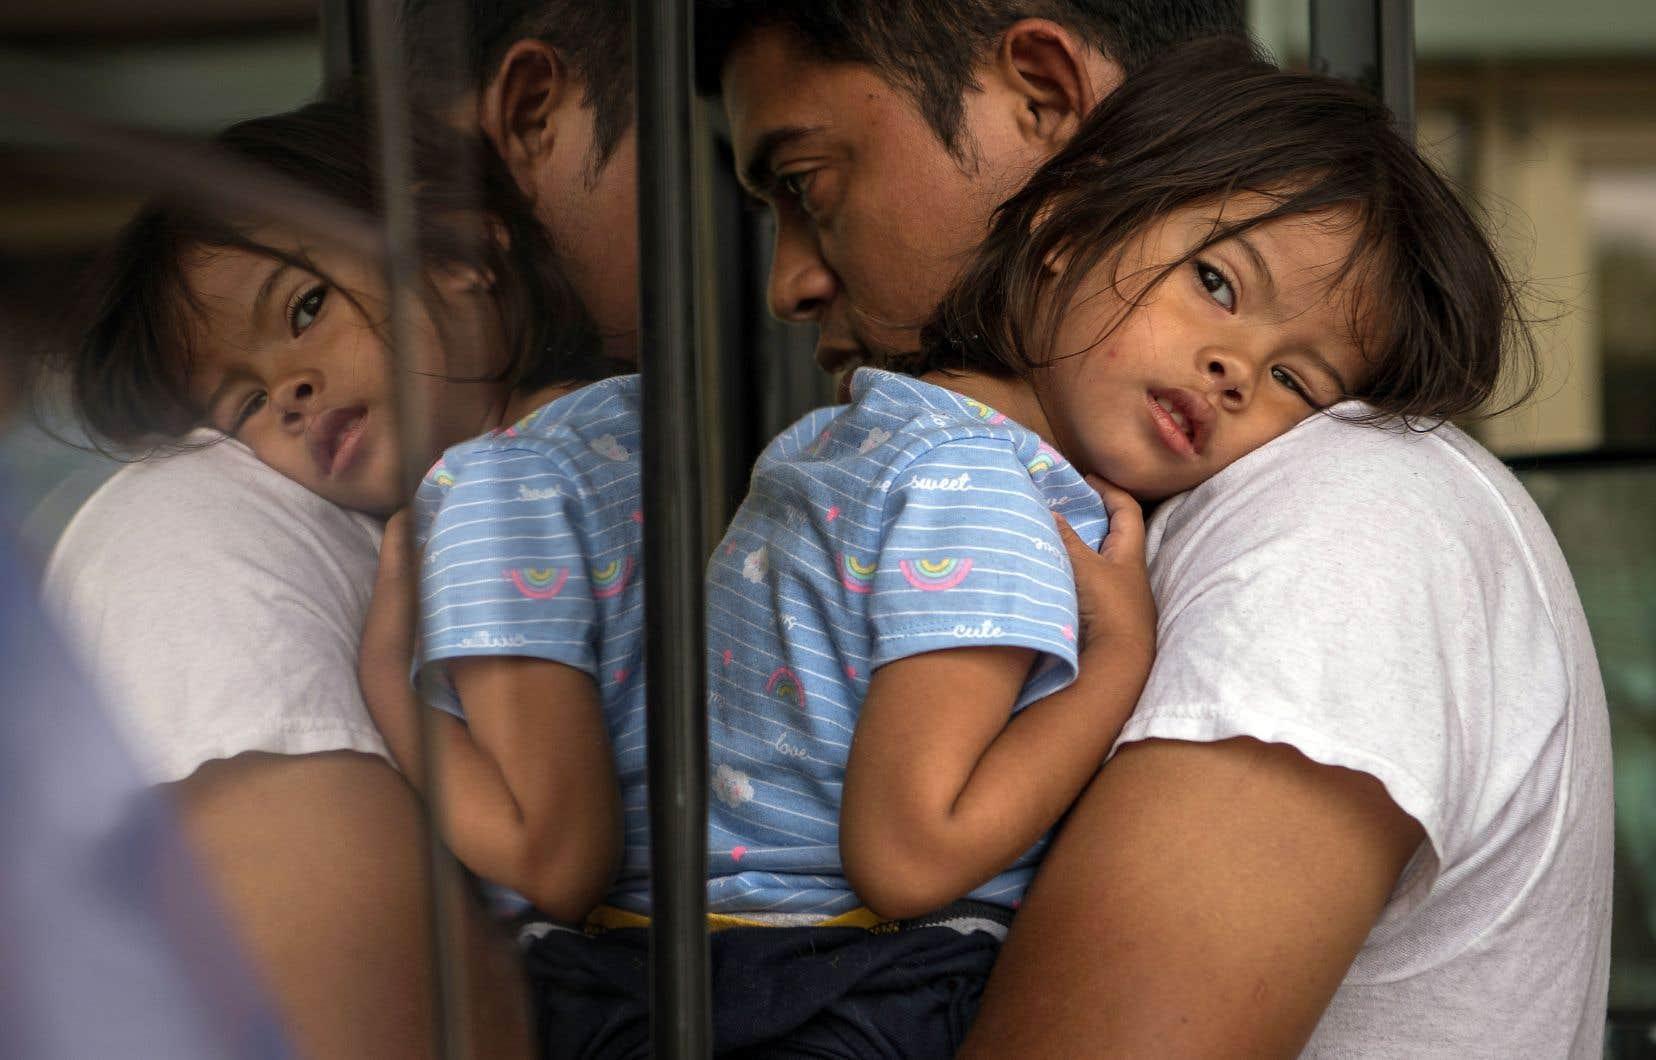 «Pour protéger ces enfants face aux abus et arrêter le flot illégal» de migrants, «nous devons mettre un terme à ces vides juridiques», a déclaré Donald Trump.